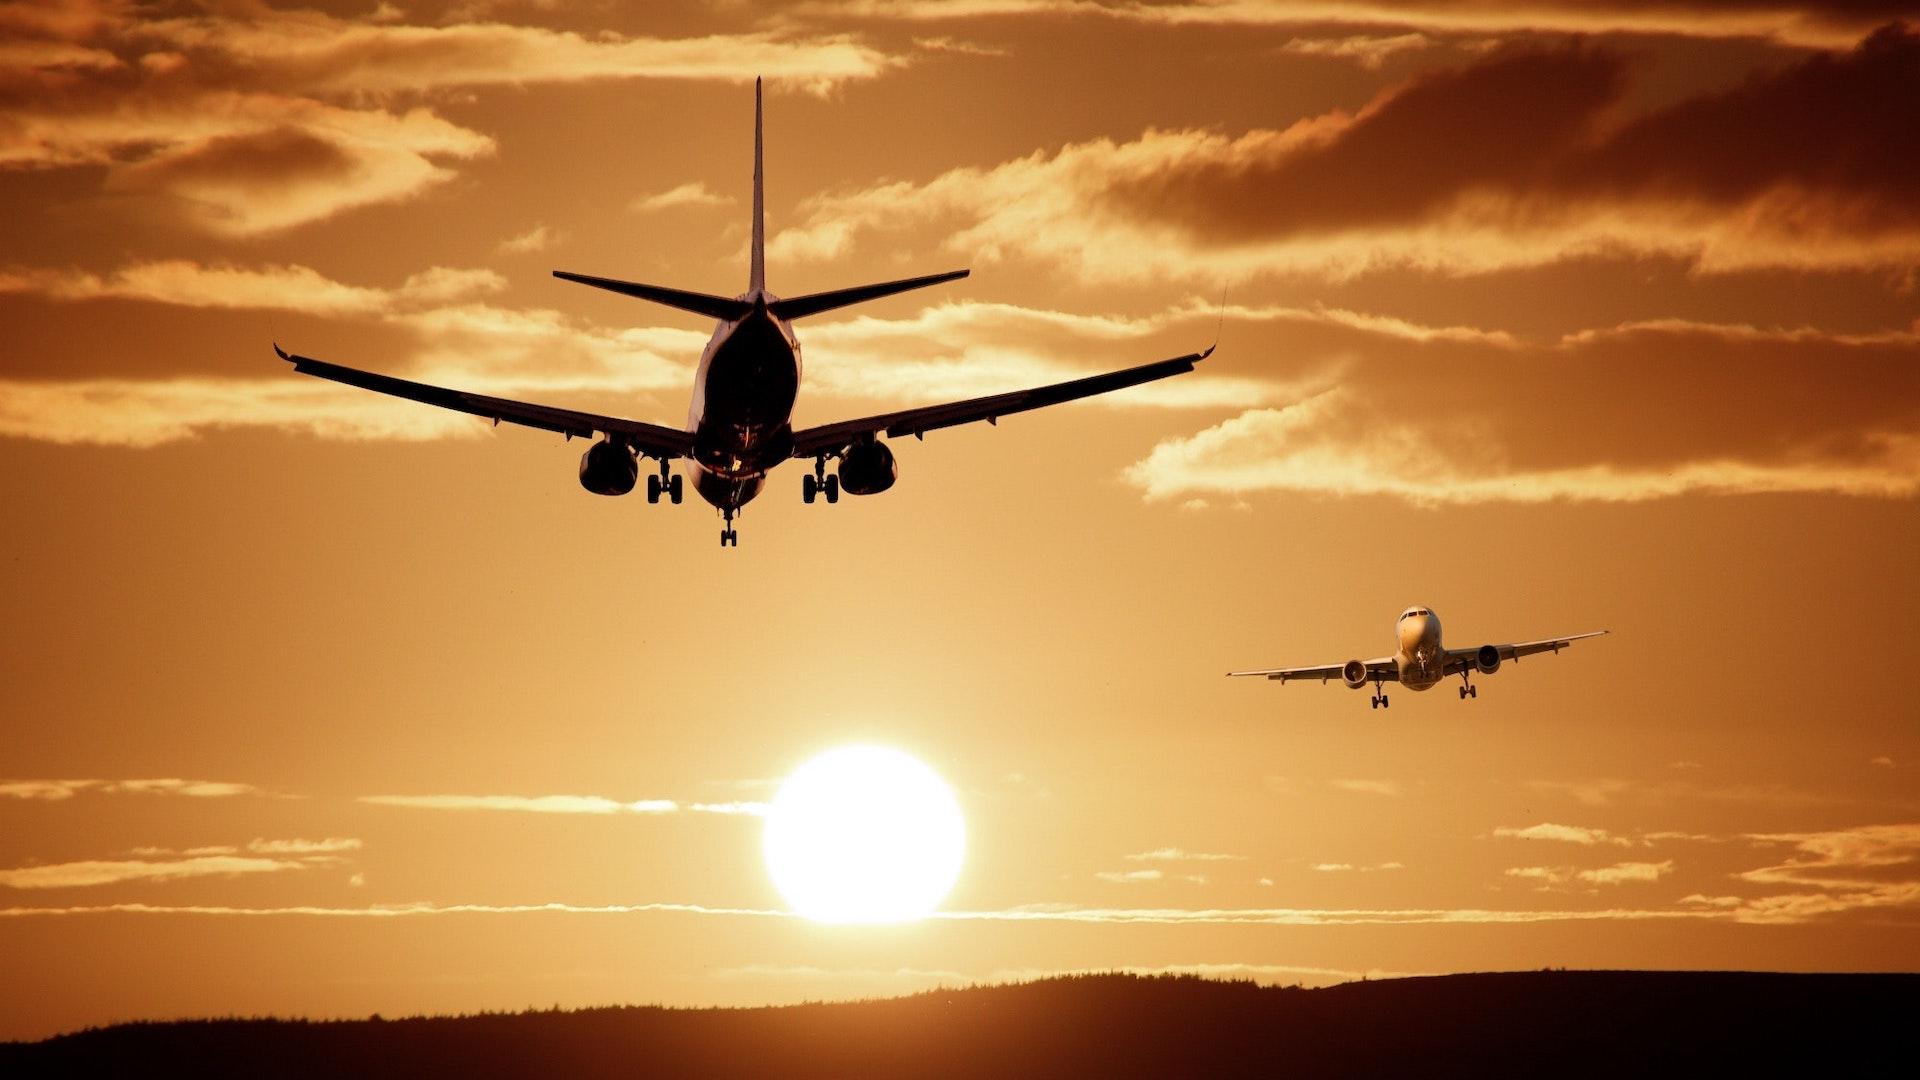 ¿Cómo ahorrar dinero en la compra de vuelos? 5 consejos básicos